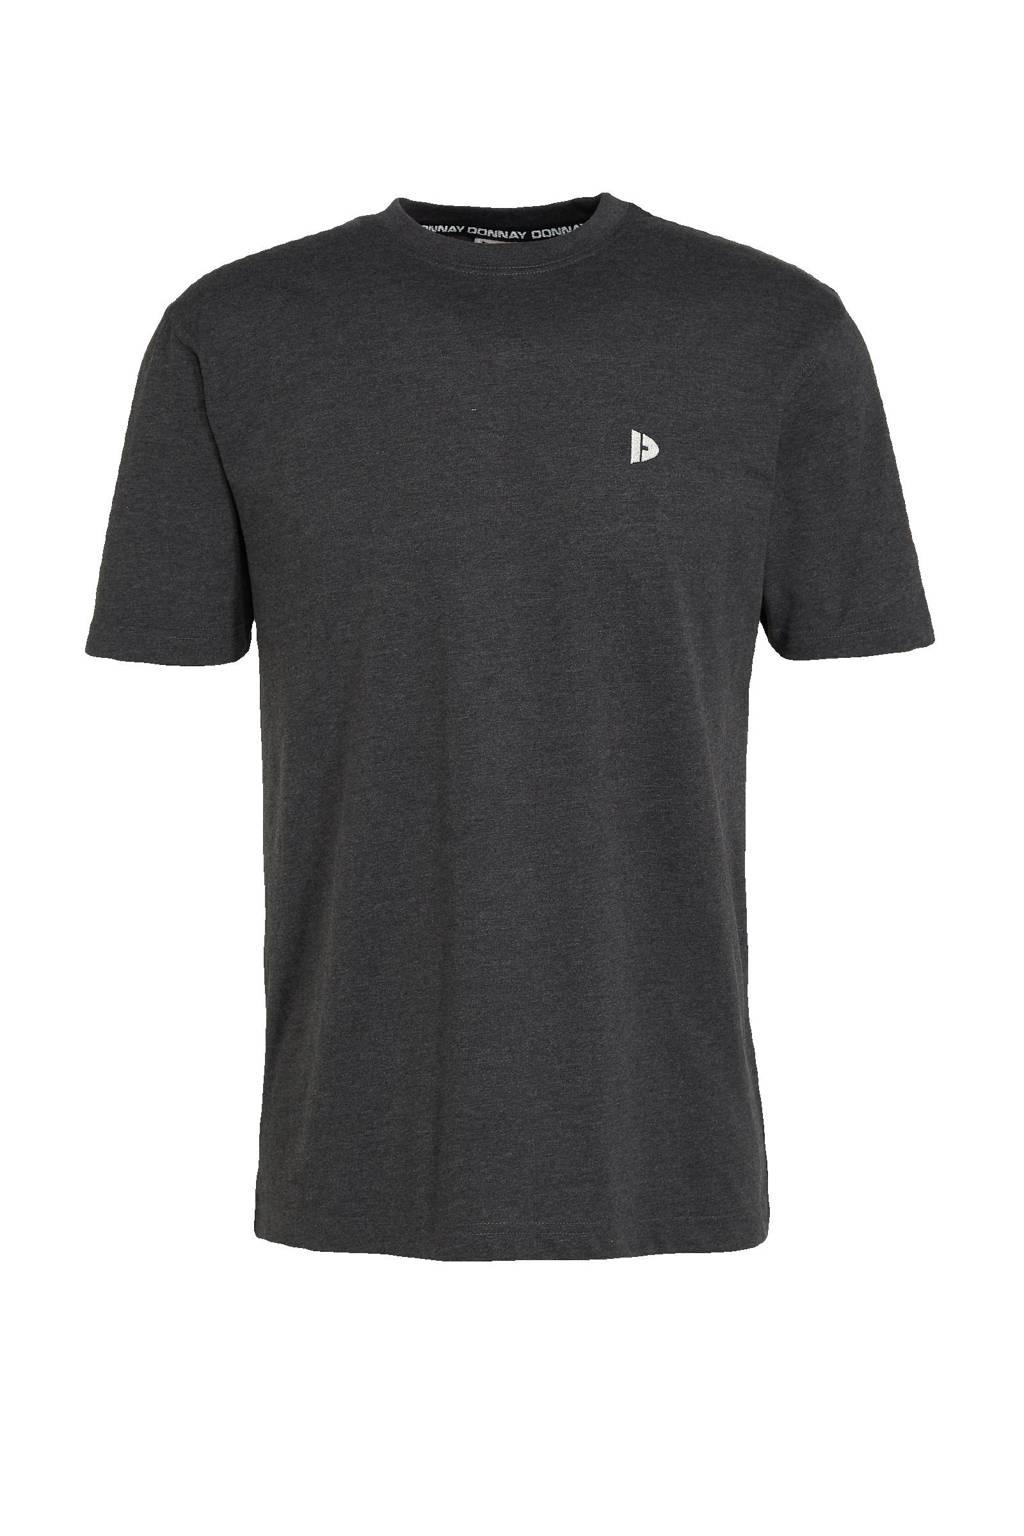 Donnay   sport t-shirt donkergrijs gemeleerd, Donkergrijs gemeleerd